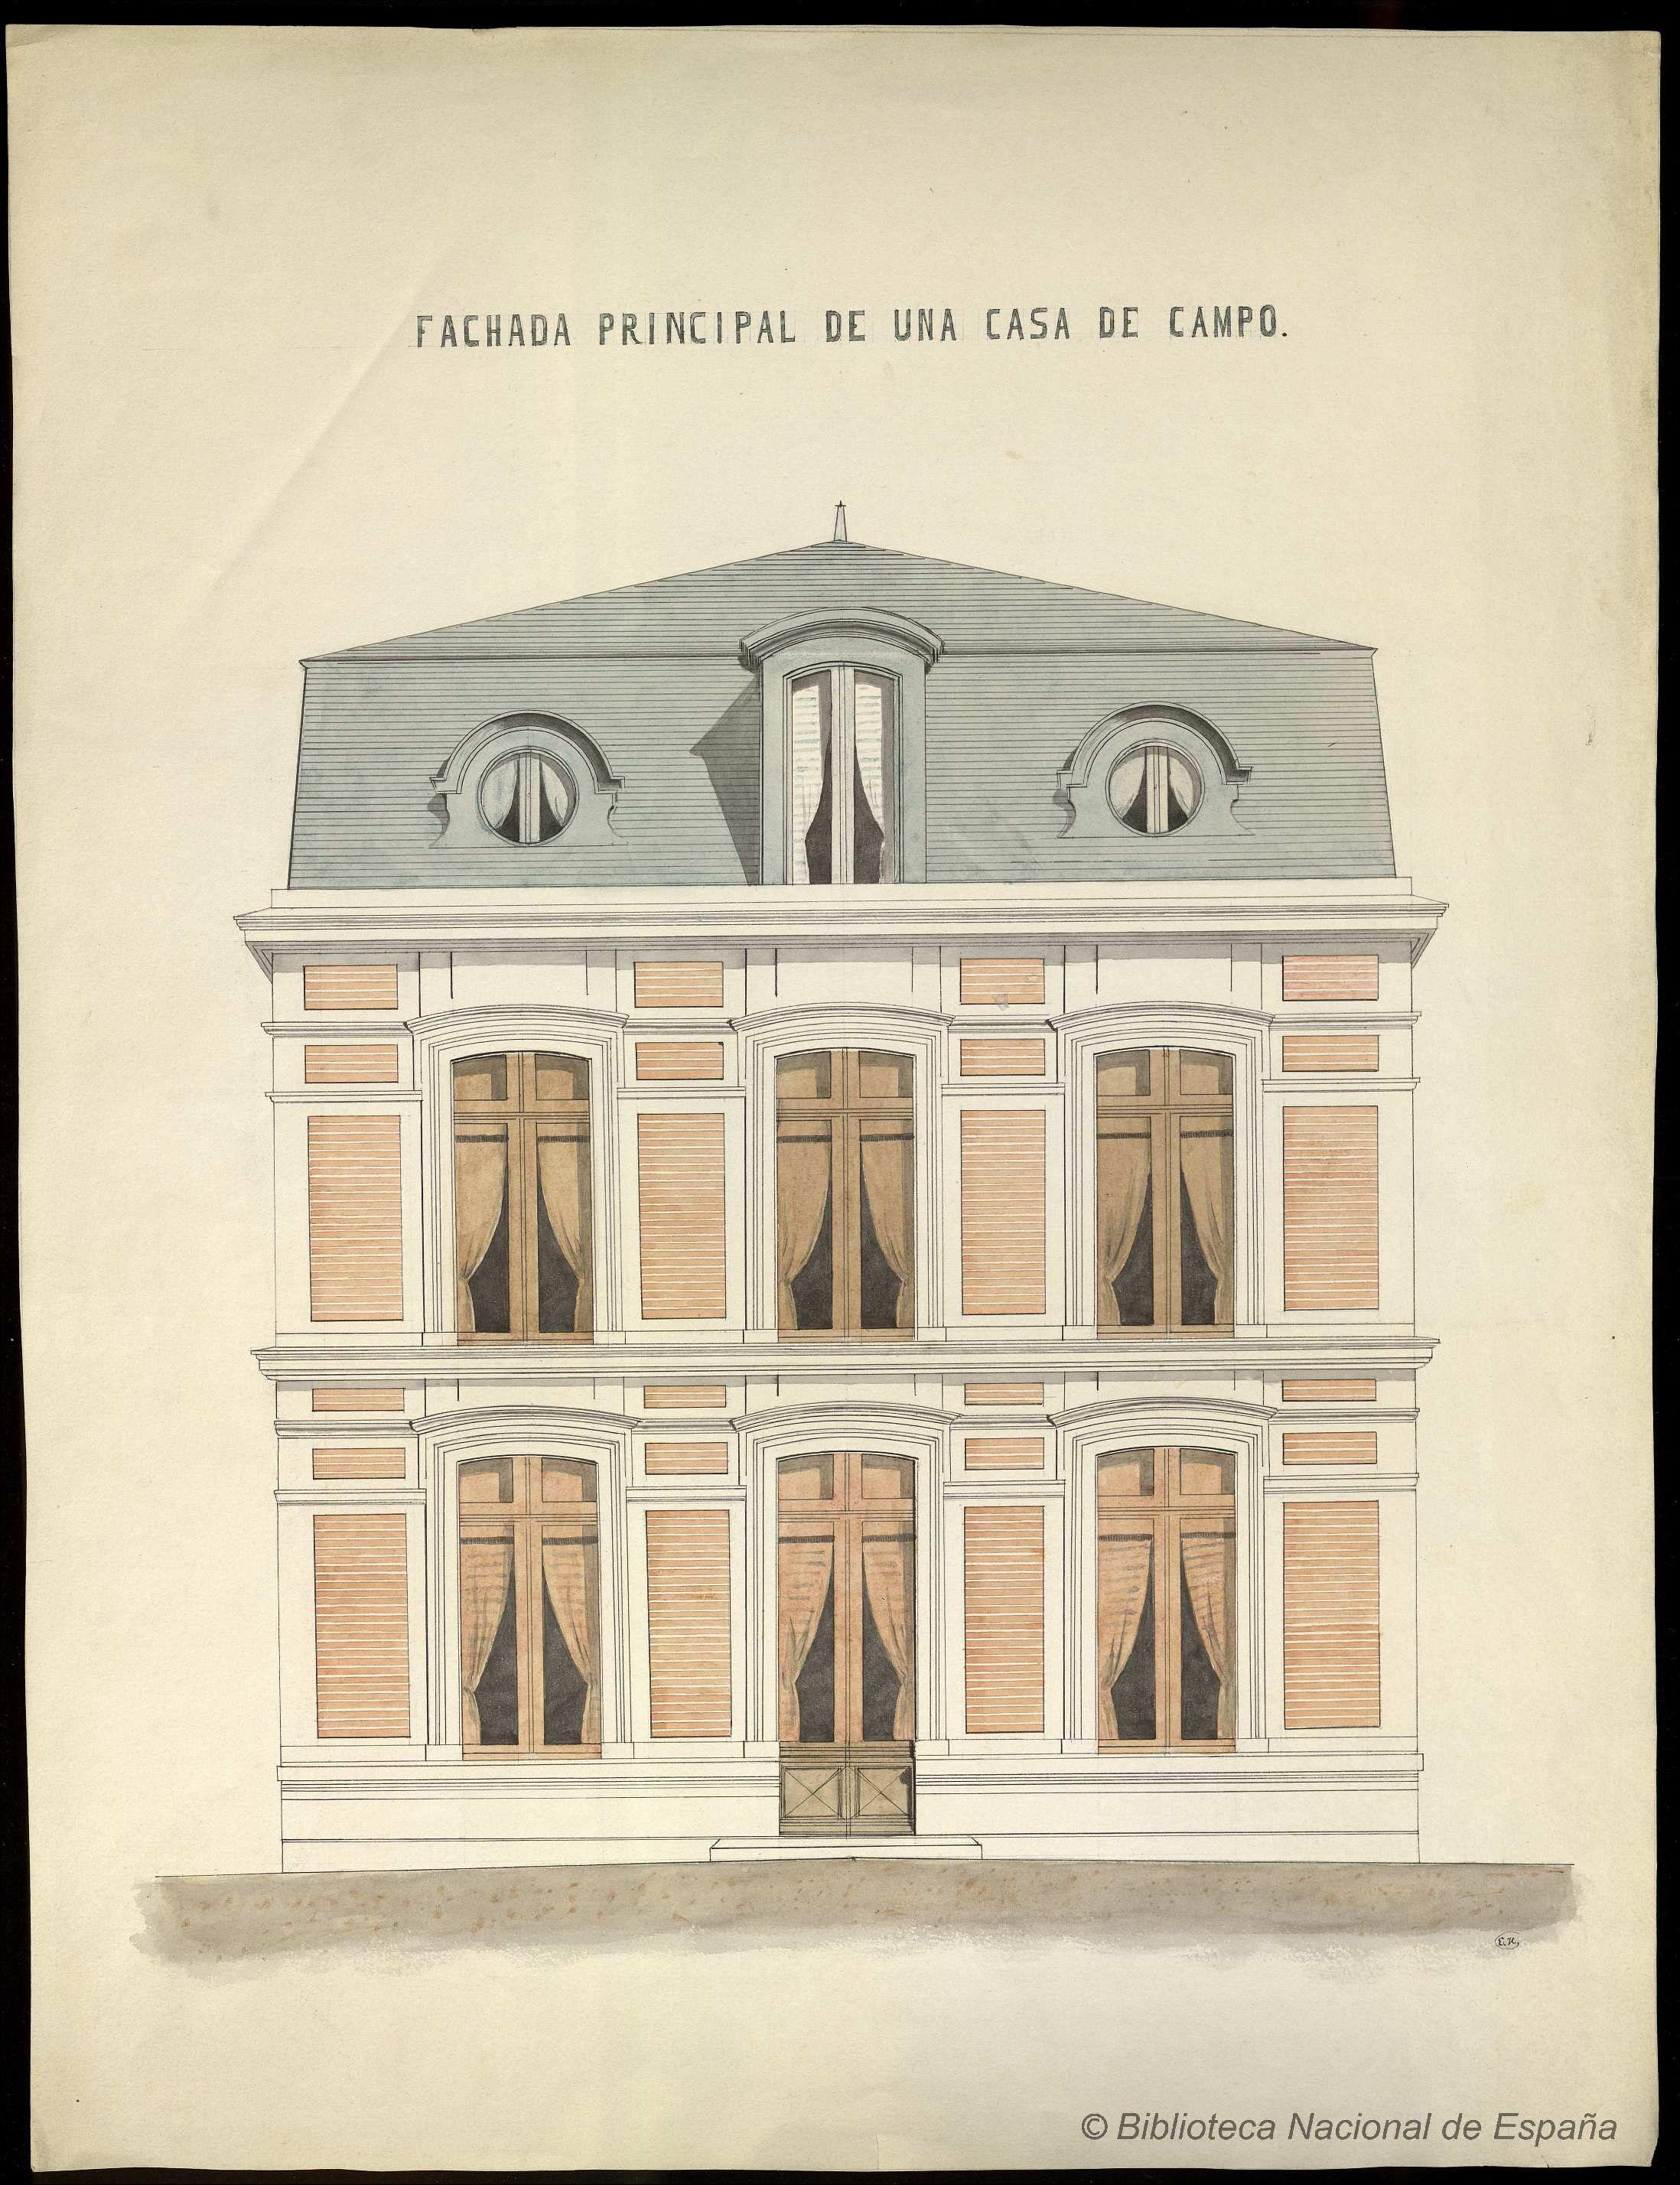 Fachada principal de una casa de campo hartzenbusch eugenio 1840 1910 dibujo 1800 1899 - Fachada de una casa ...